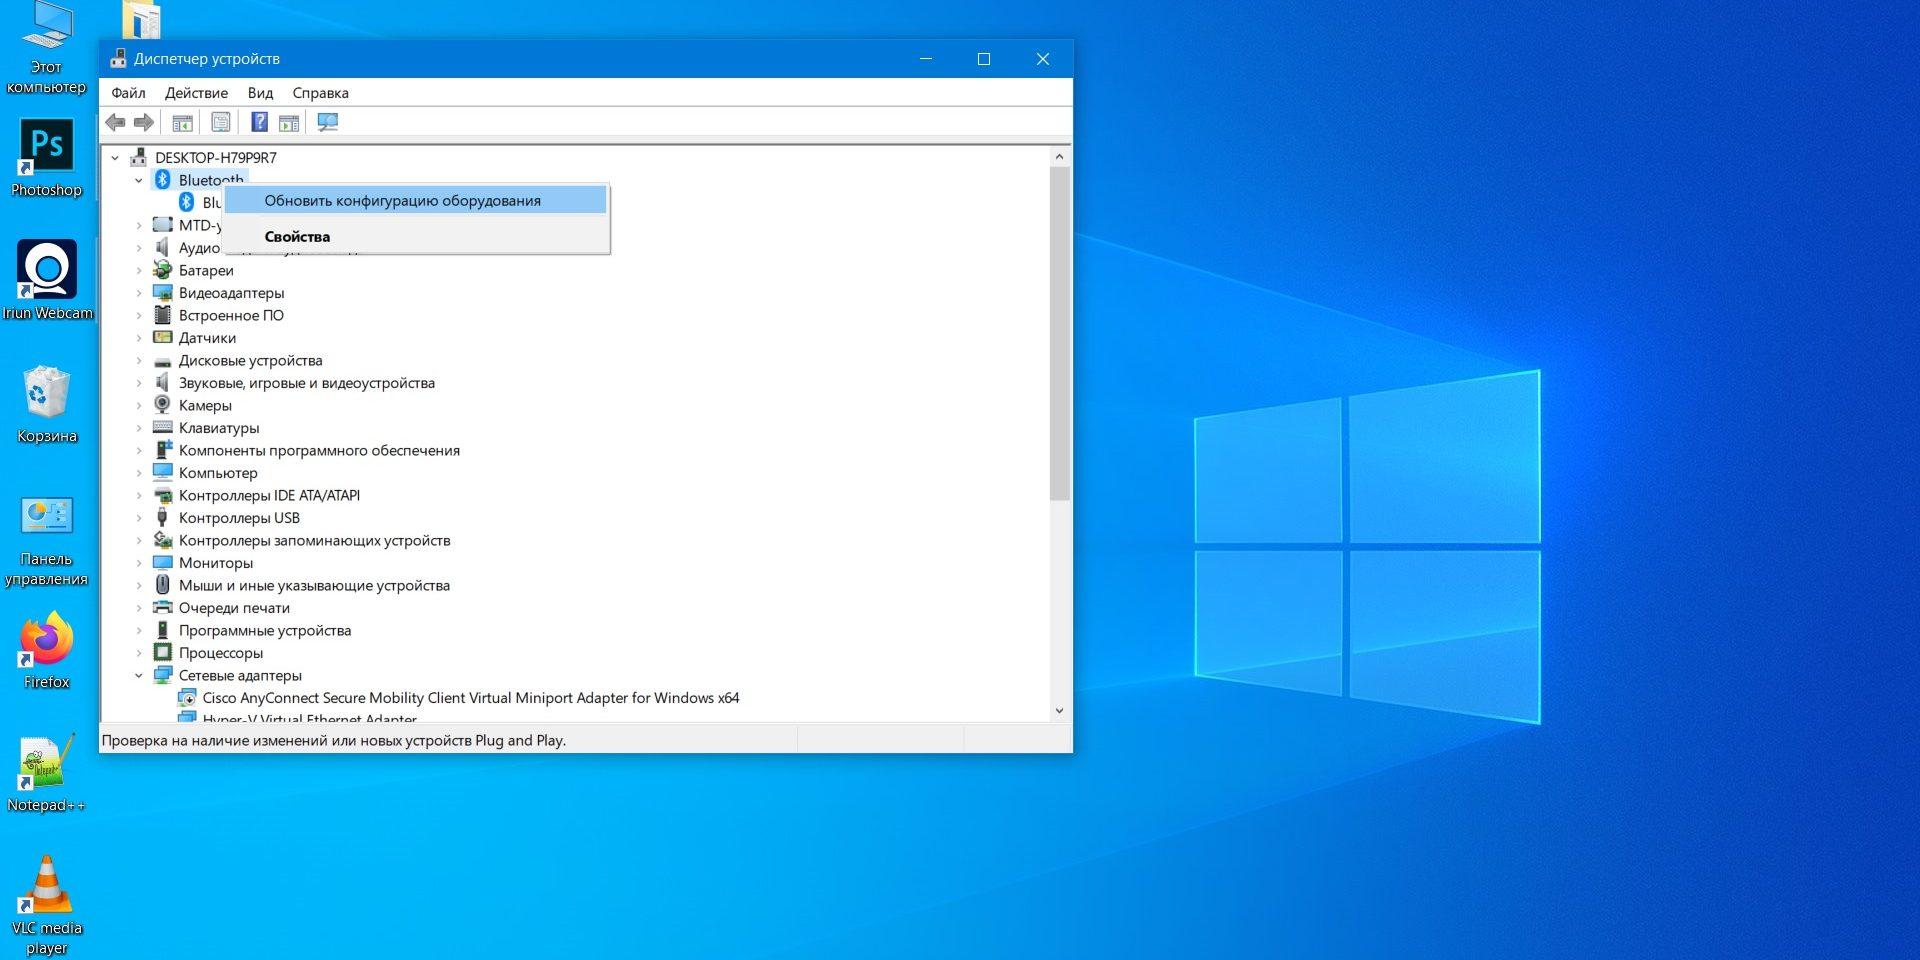 Как включить Bluetooth на ноутбуке с Windows: gроверьте неопознанные устройства